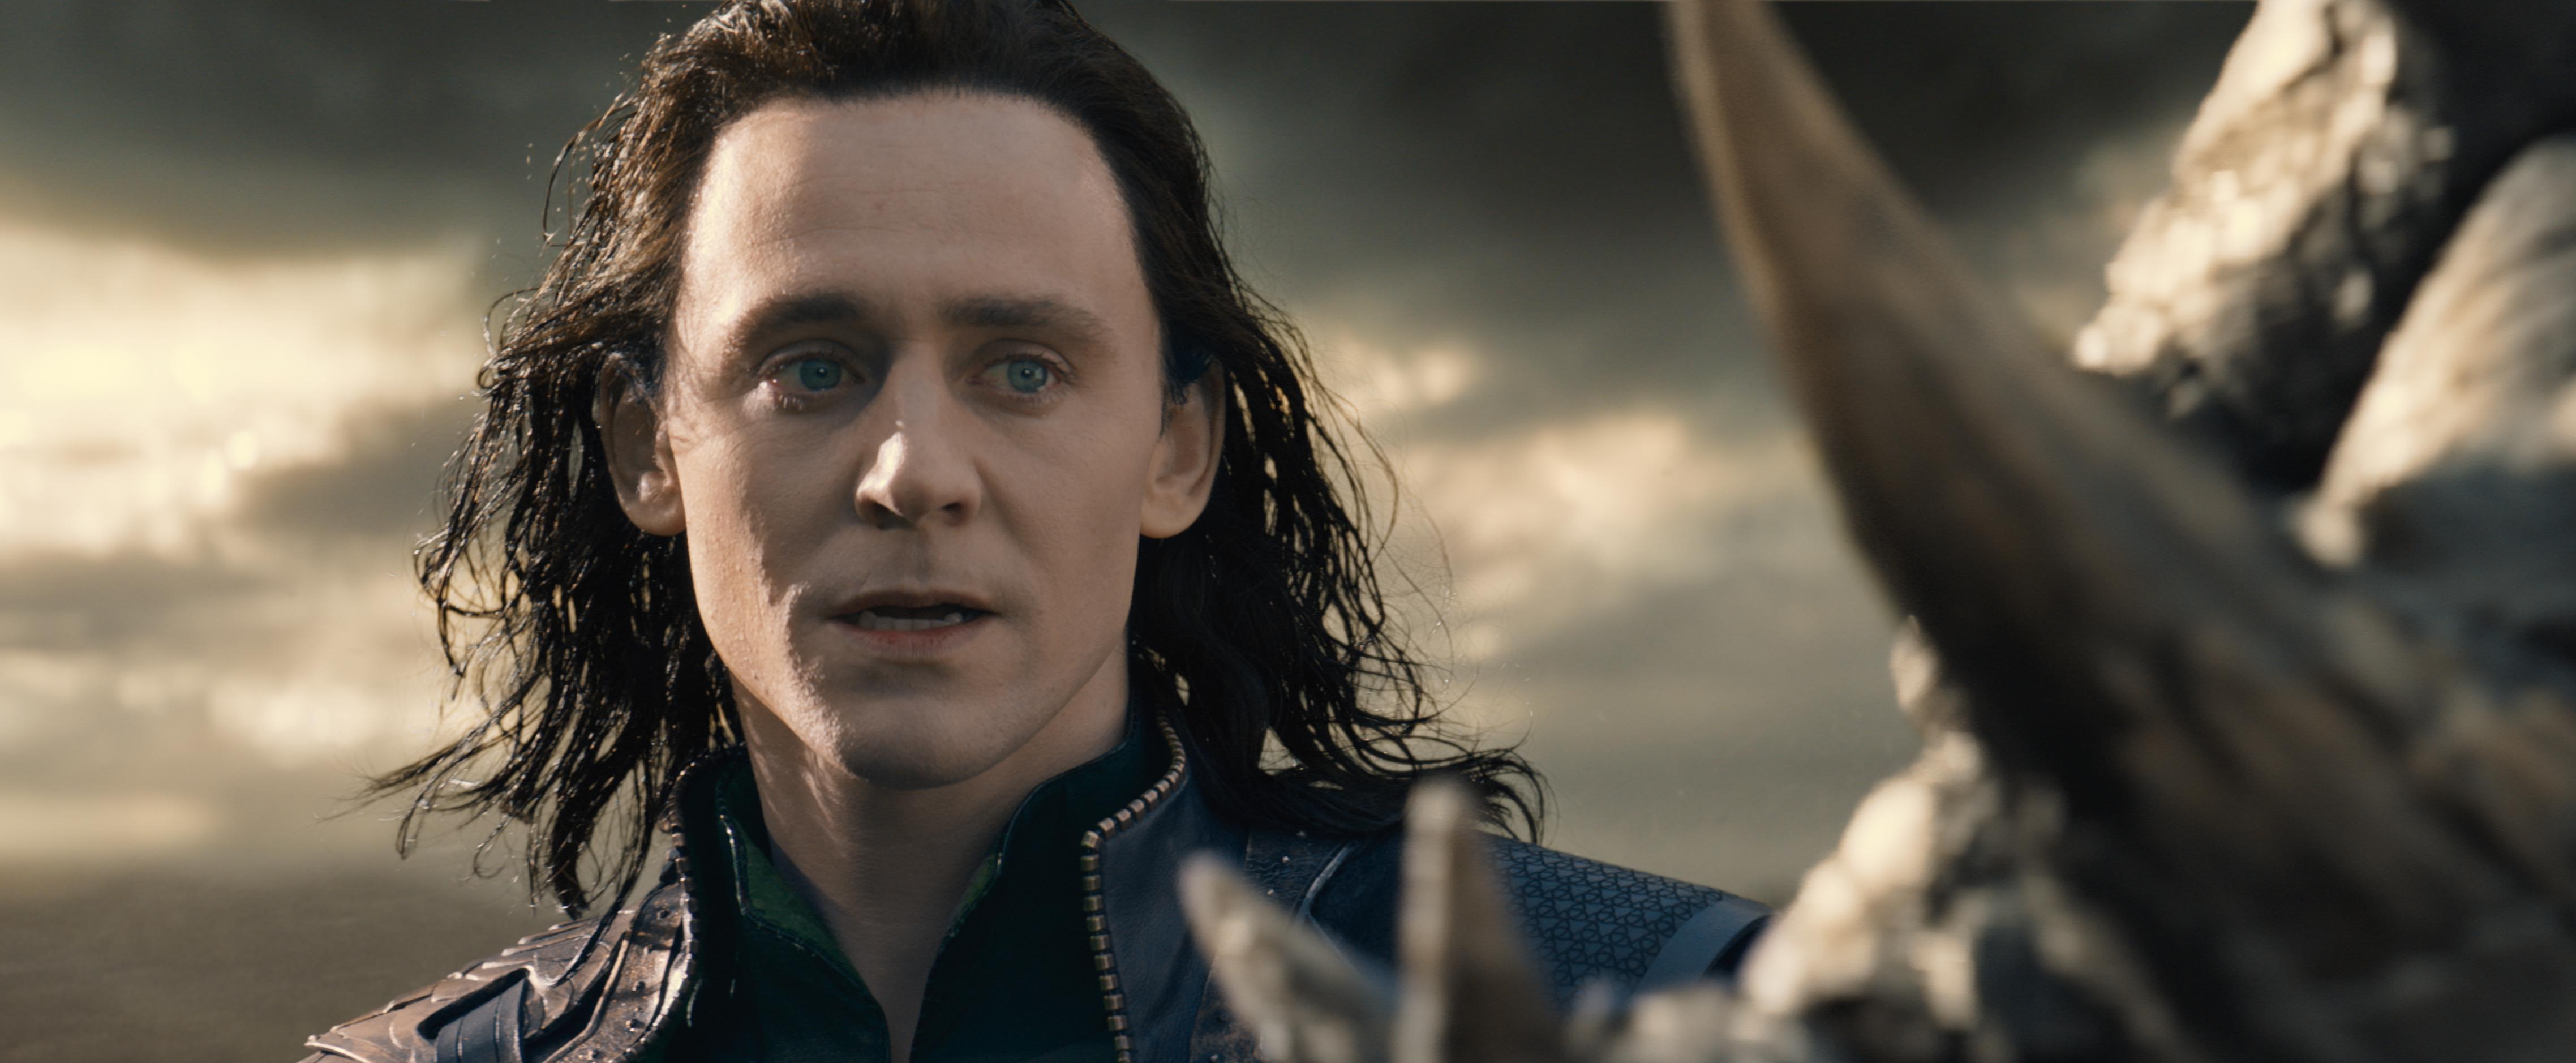 loki tom hiddleston thor un mundo oscuro